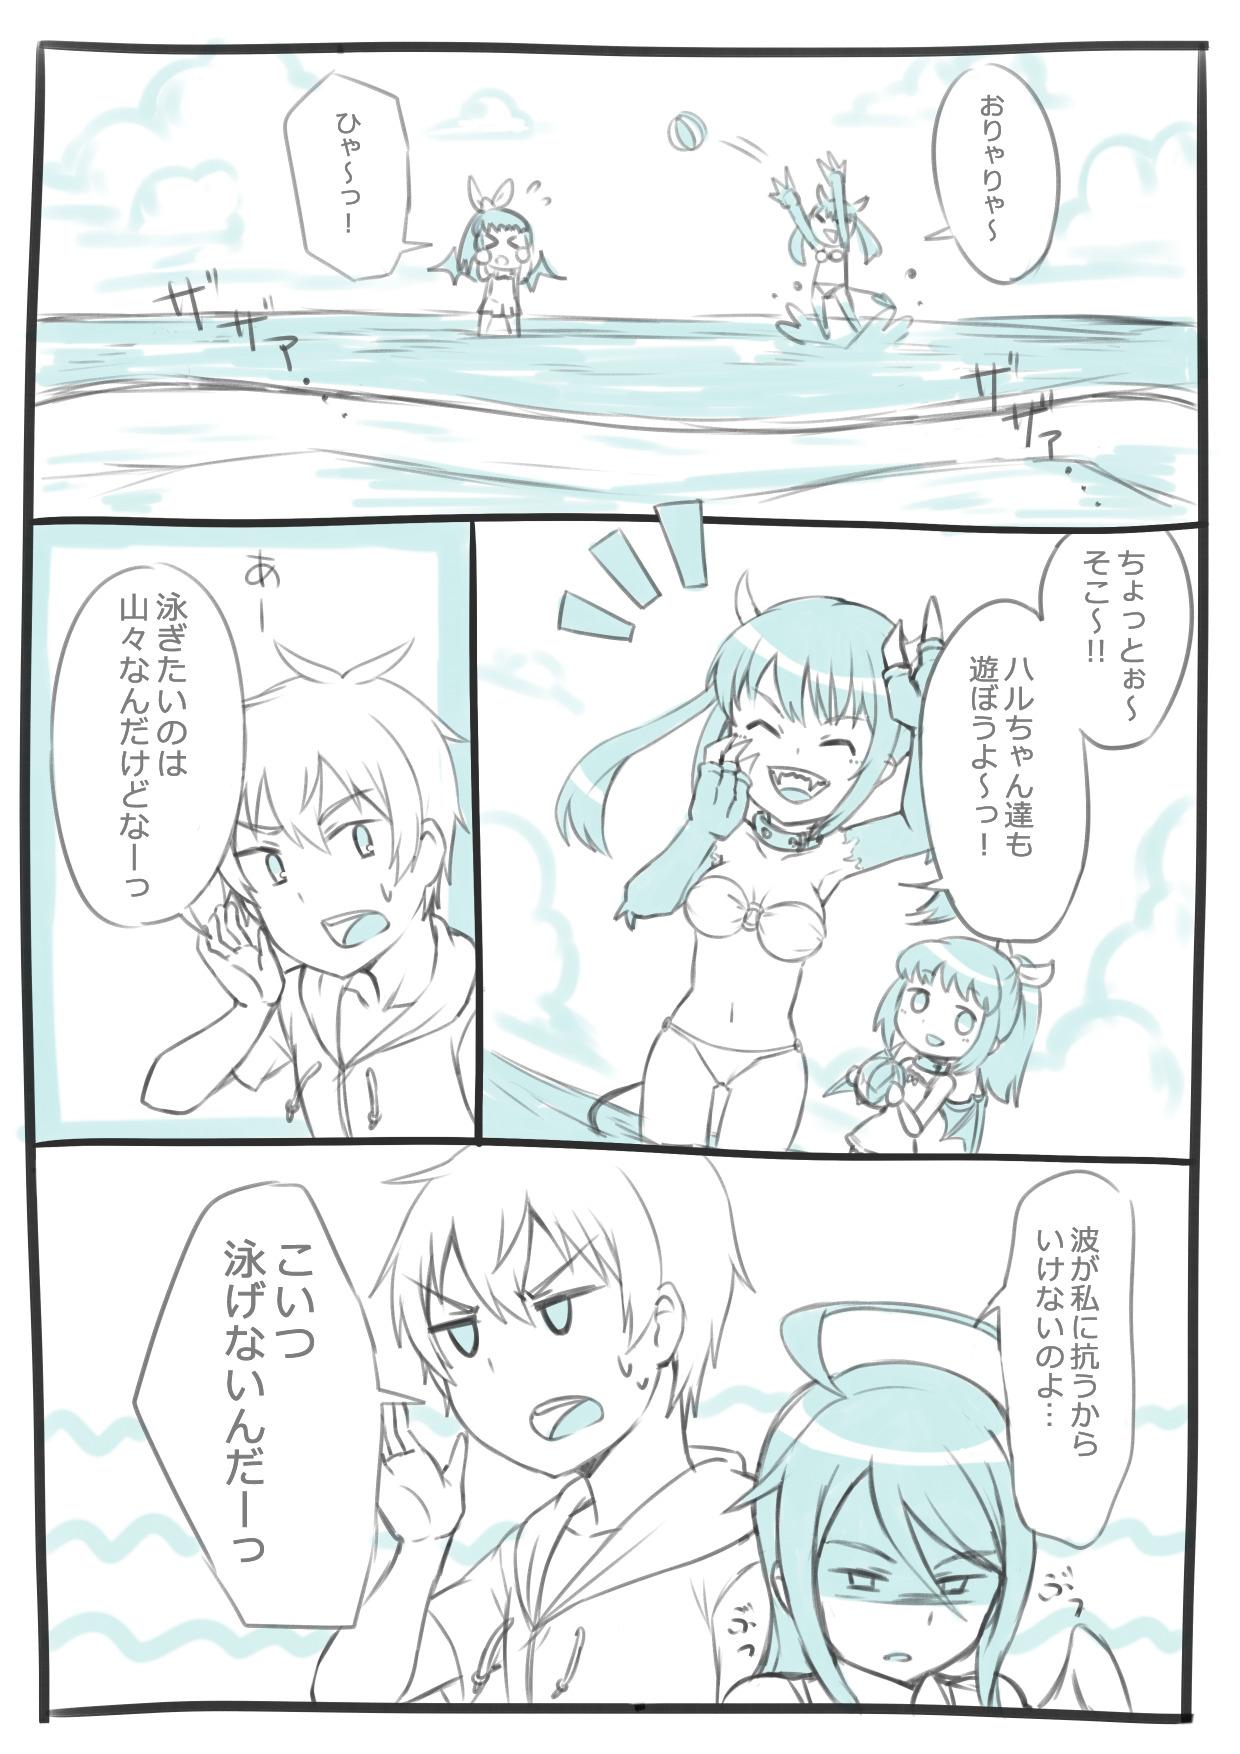 魔界の海で遊ぶユサレイカ+α